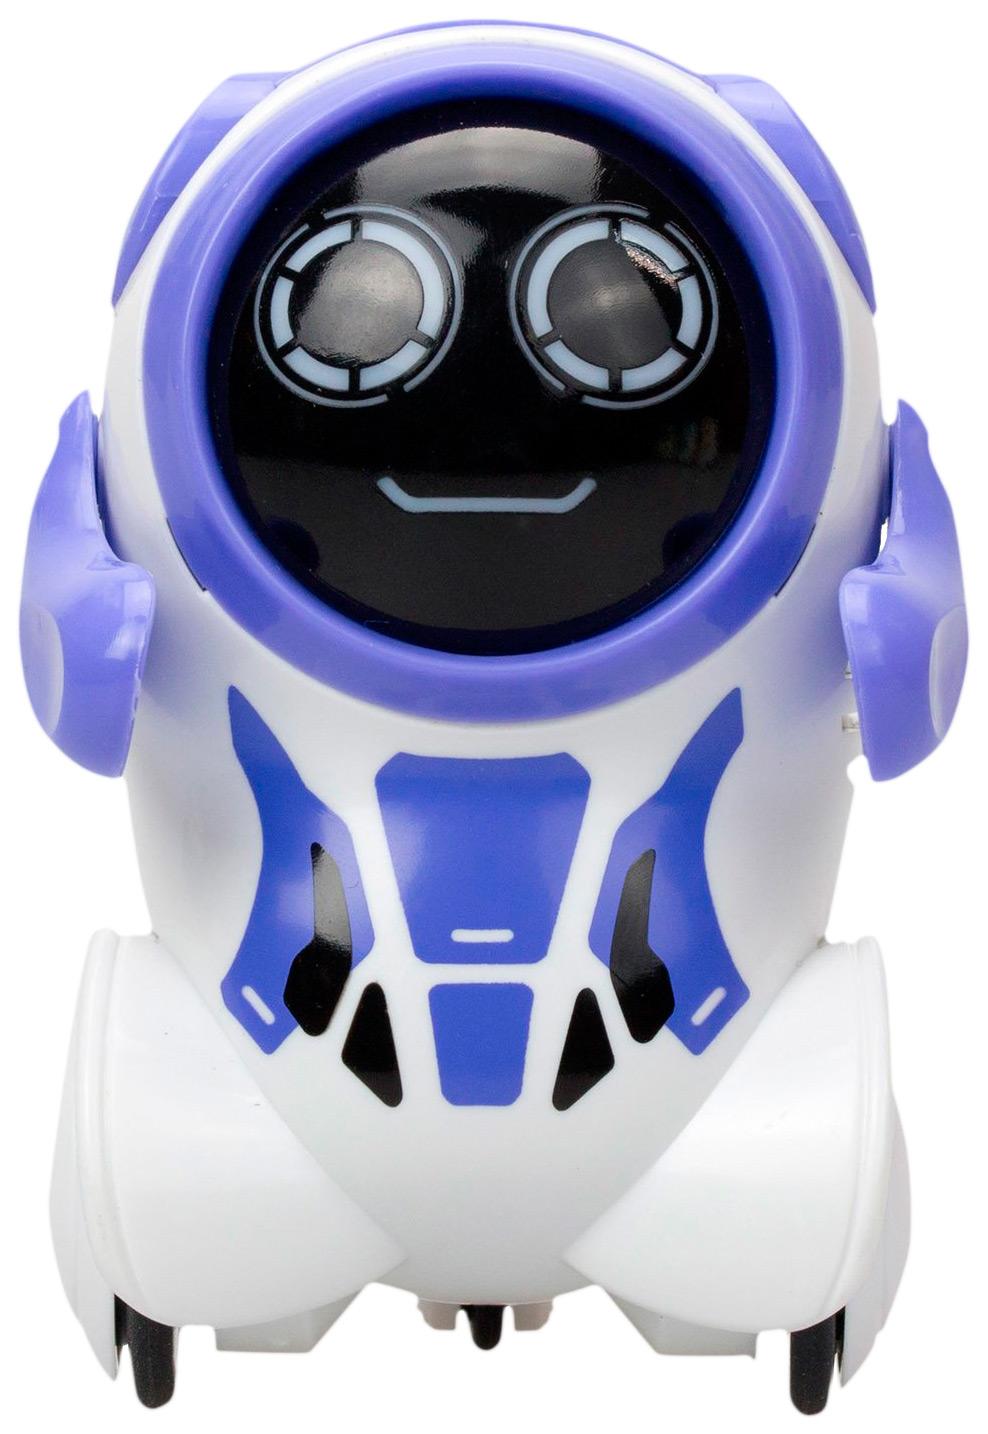 Купить Интерактивный робот Silverlit YCOO Покибот 88529S-1, Интерактивные роботы